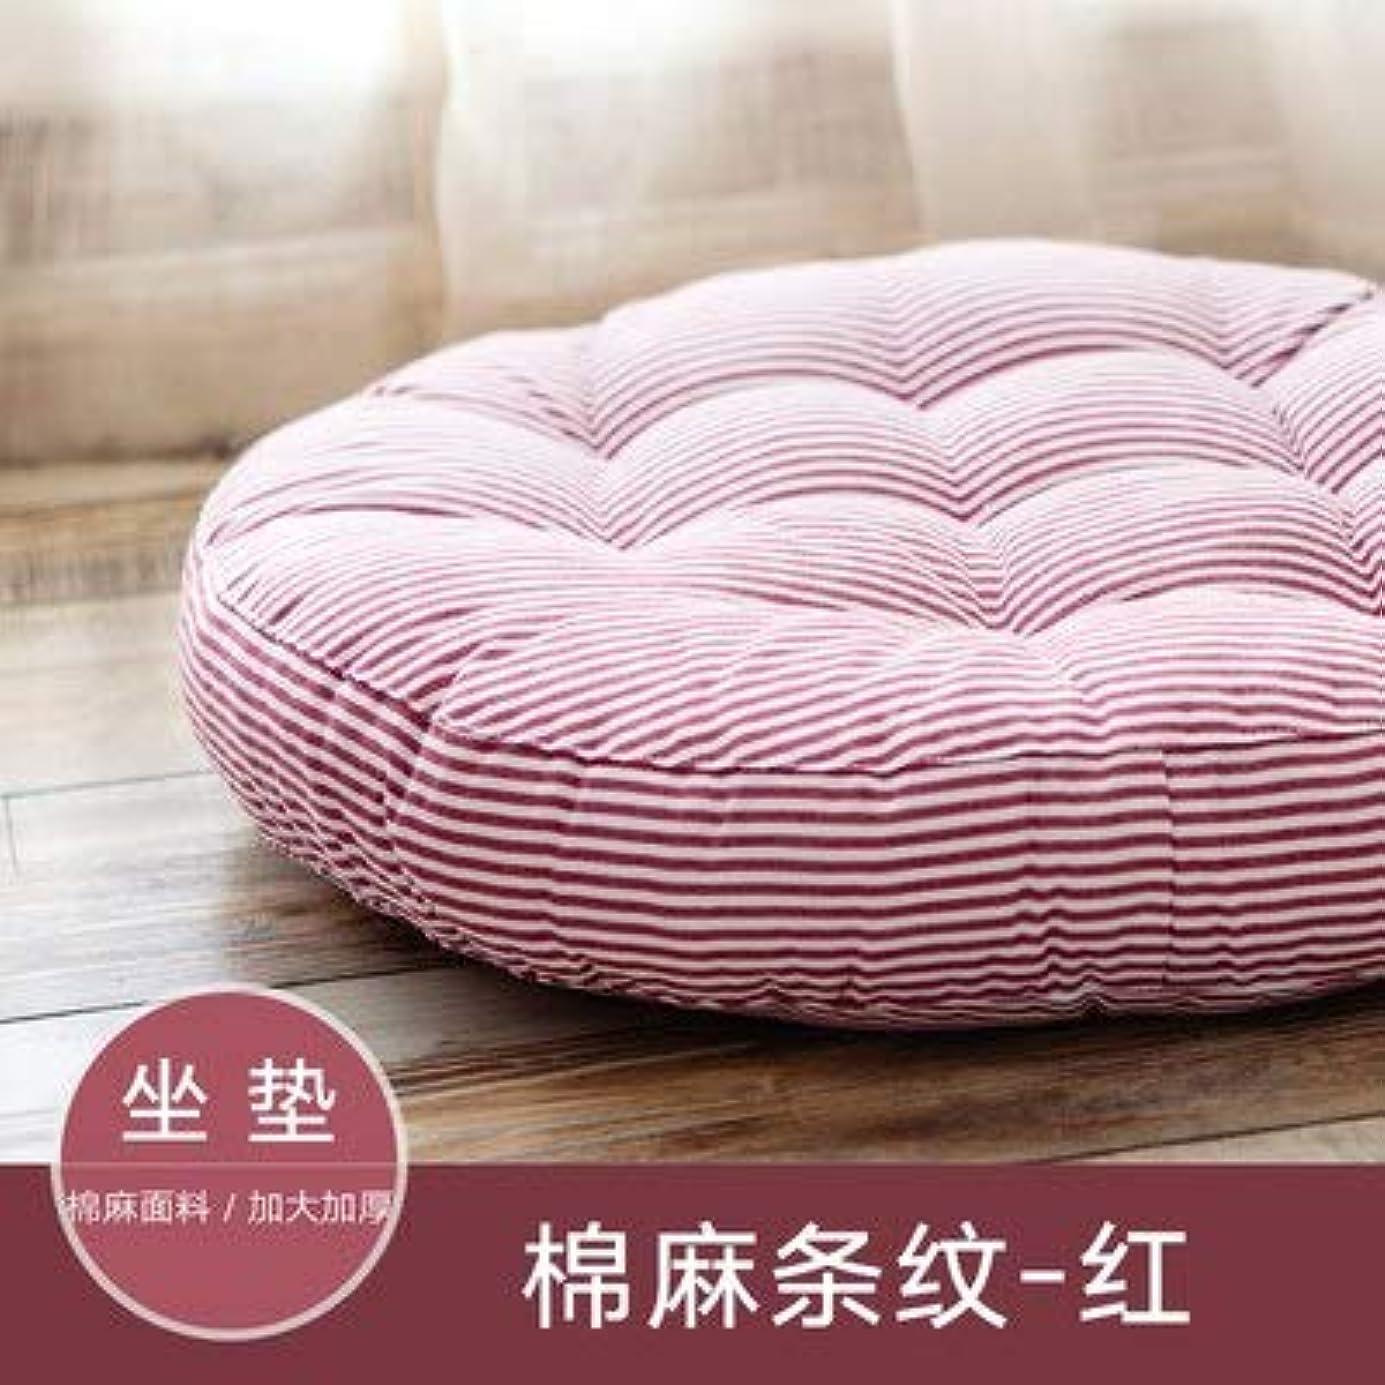 耳副キルトLIFE ラウンド厚い椅子のクッションフロアマットレスシートパッドソフトホームオフィスチェアクッションマットソフトスロー枕最高品質の床クッション クッション 椅子